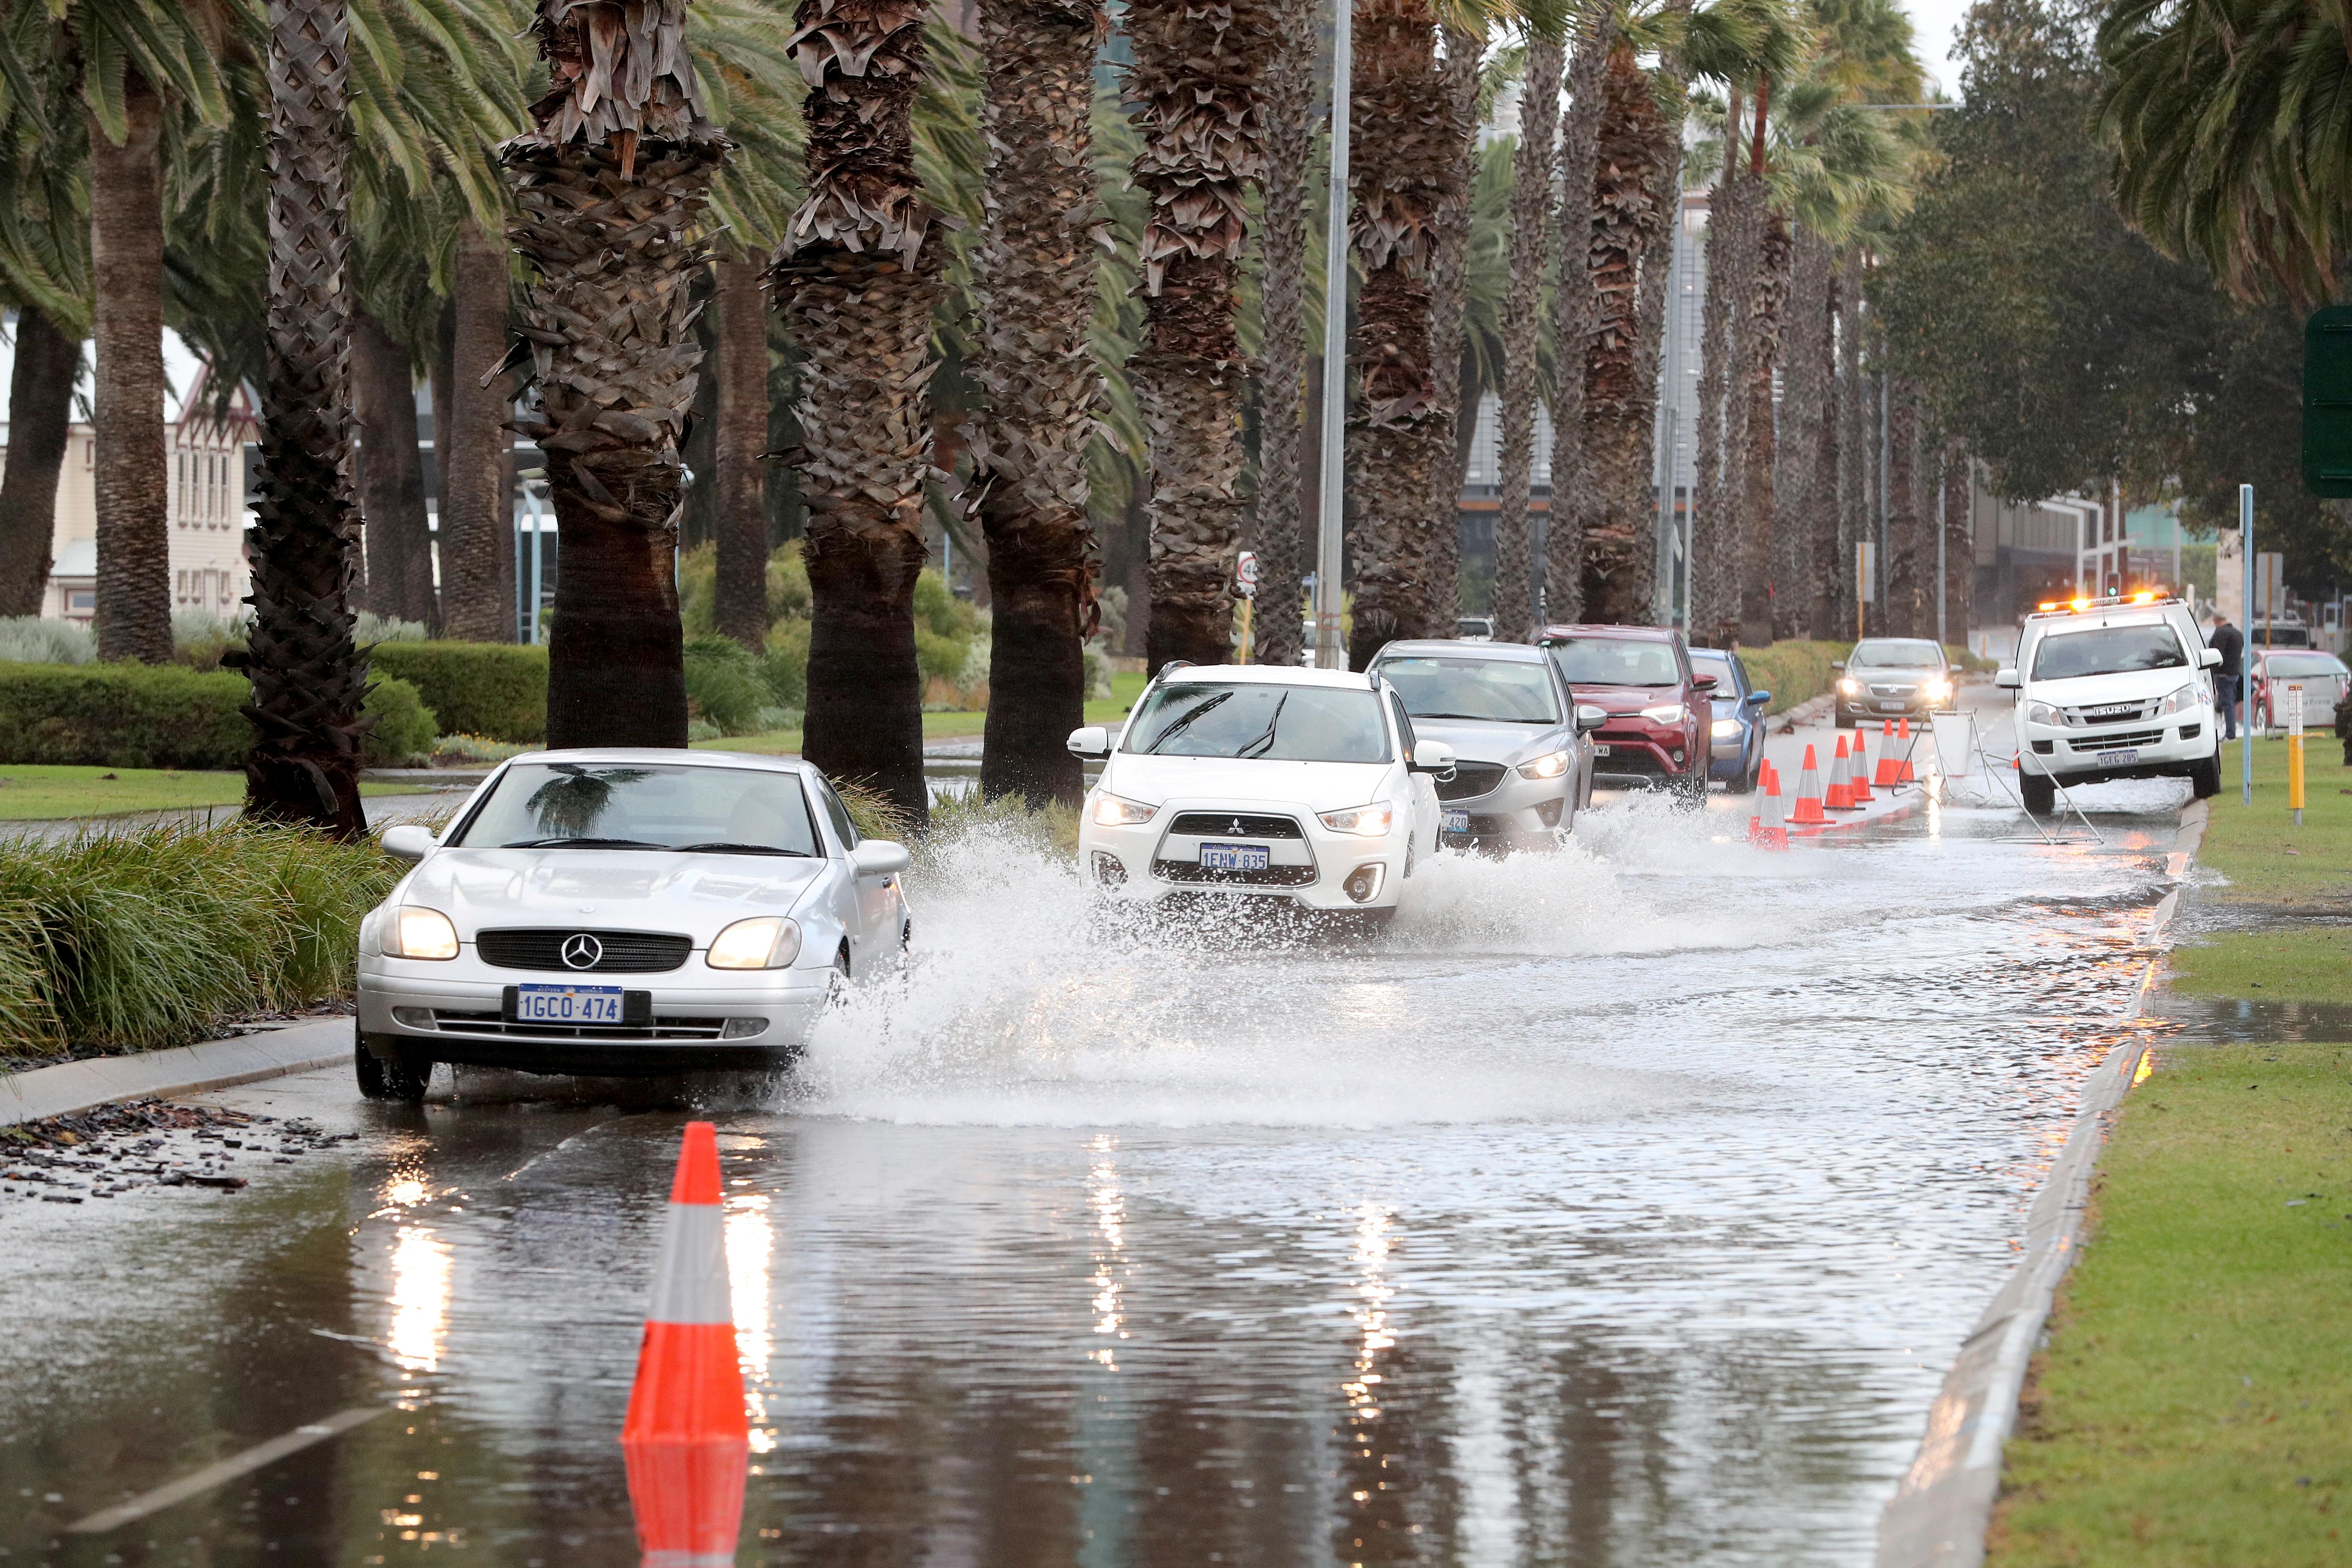 أمطار غزيرة مصاحبة لعاصفة قوية تضرب أستراليا